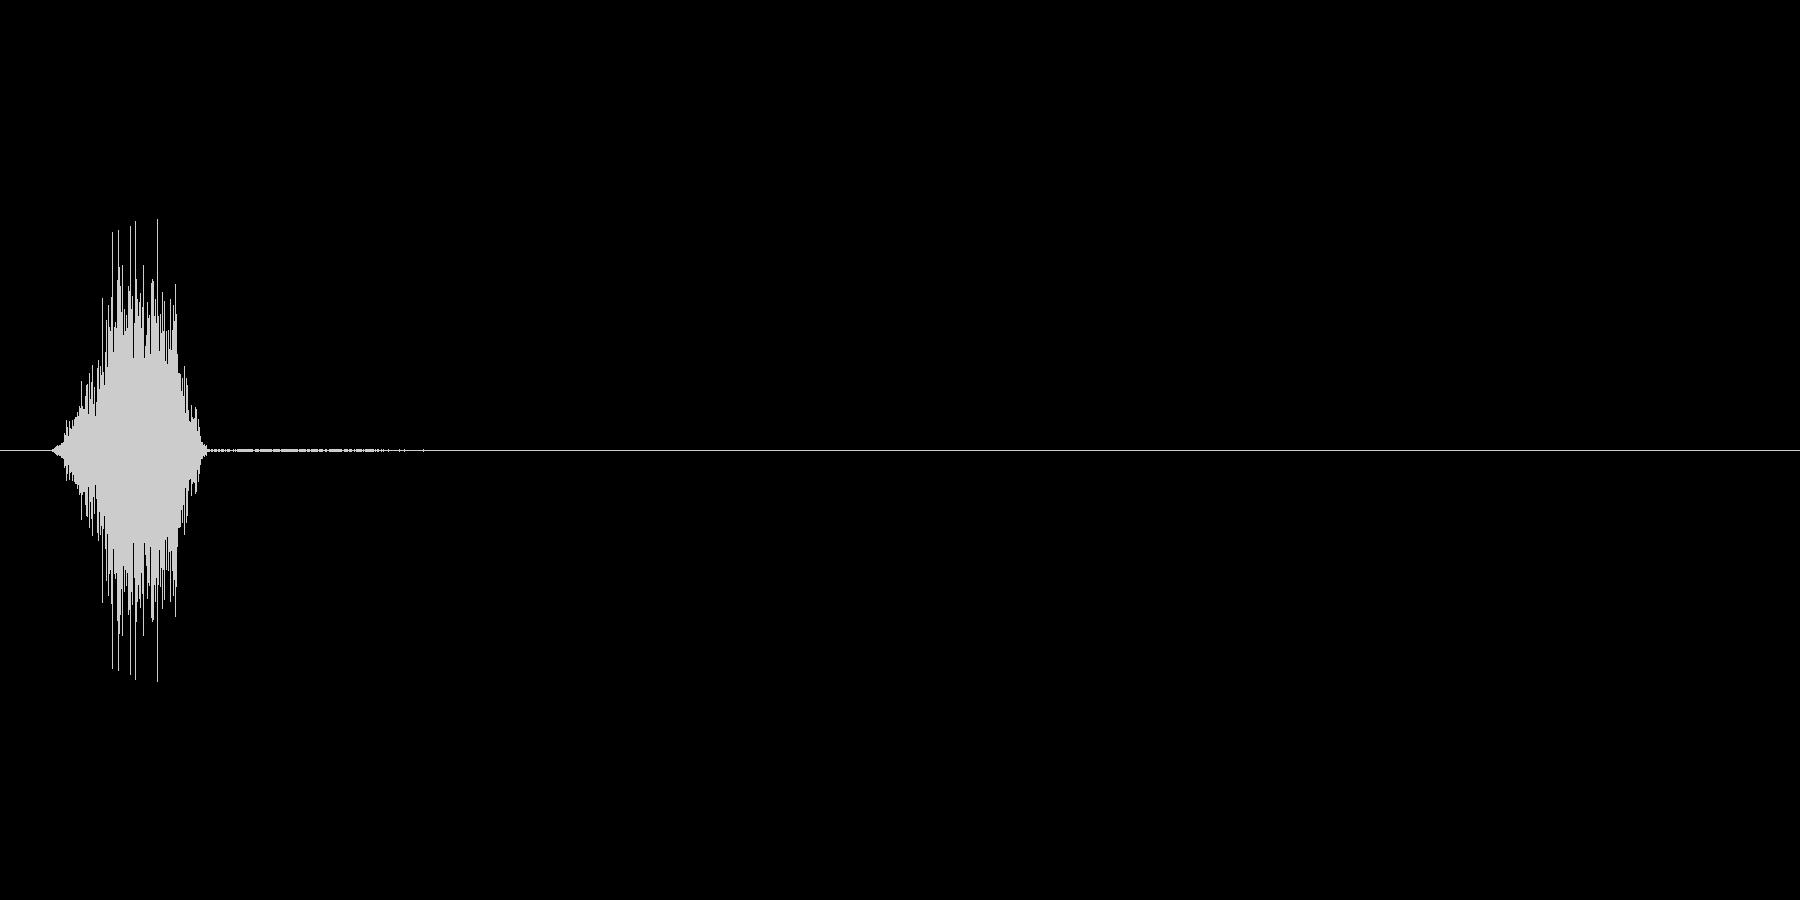 シュッ(攻撃ミス、外す、ピッチ高め)の未再生の波形